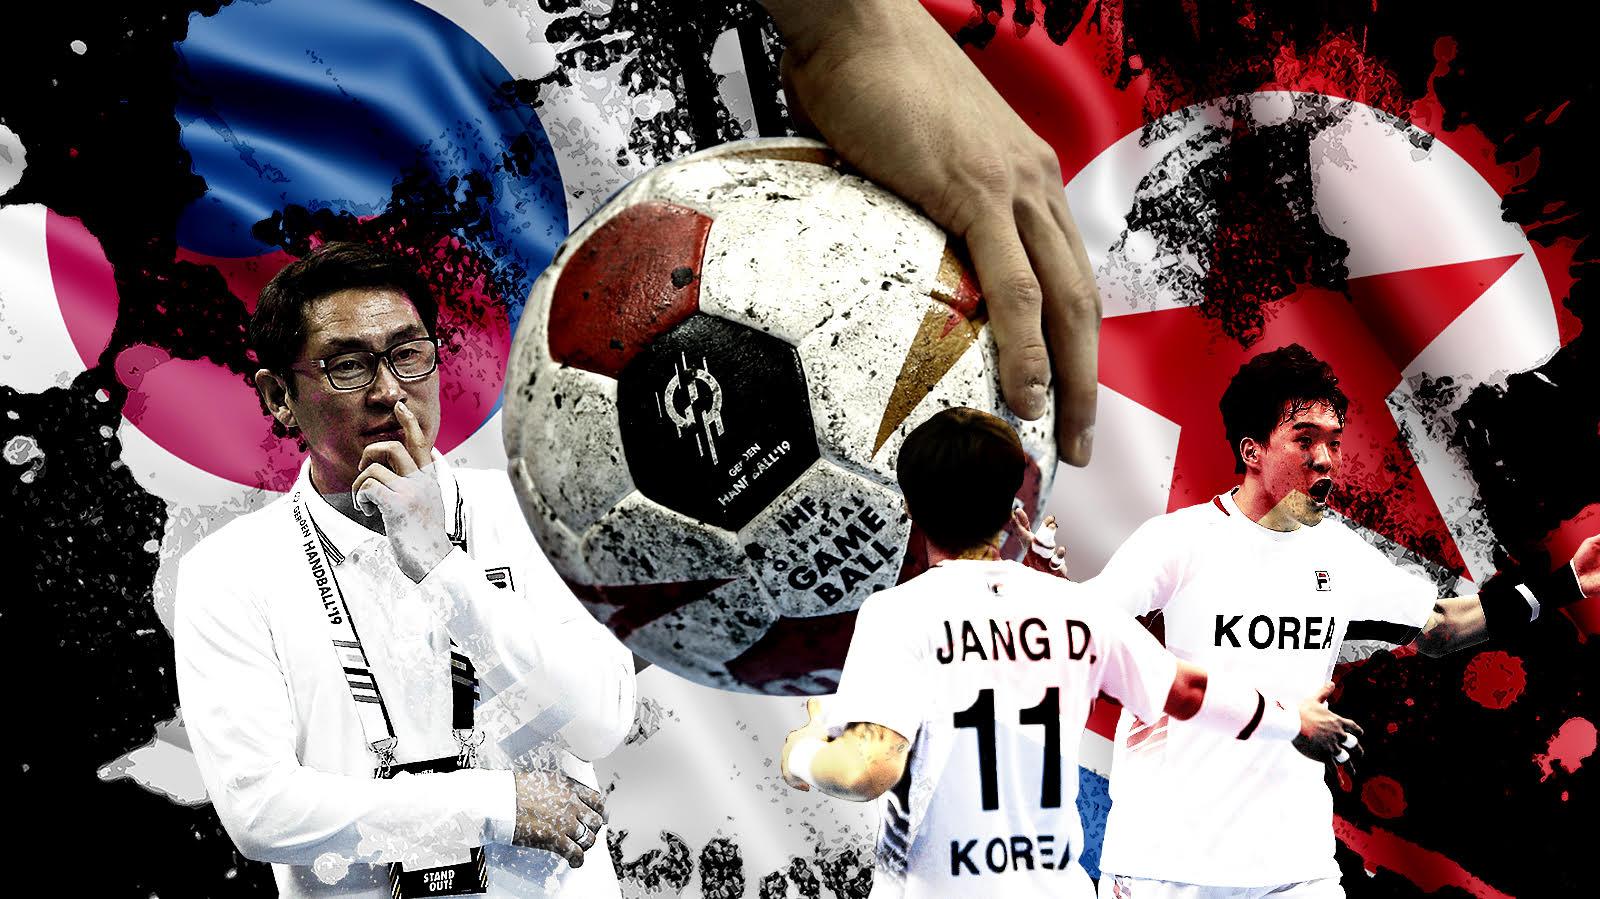 Zašto je nastup zajedničke rukometne reprezentacije ujedinjene Koreje zloupotreba sporta u političke svrhe